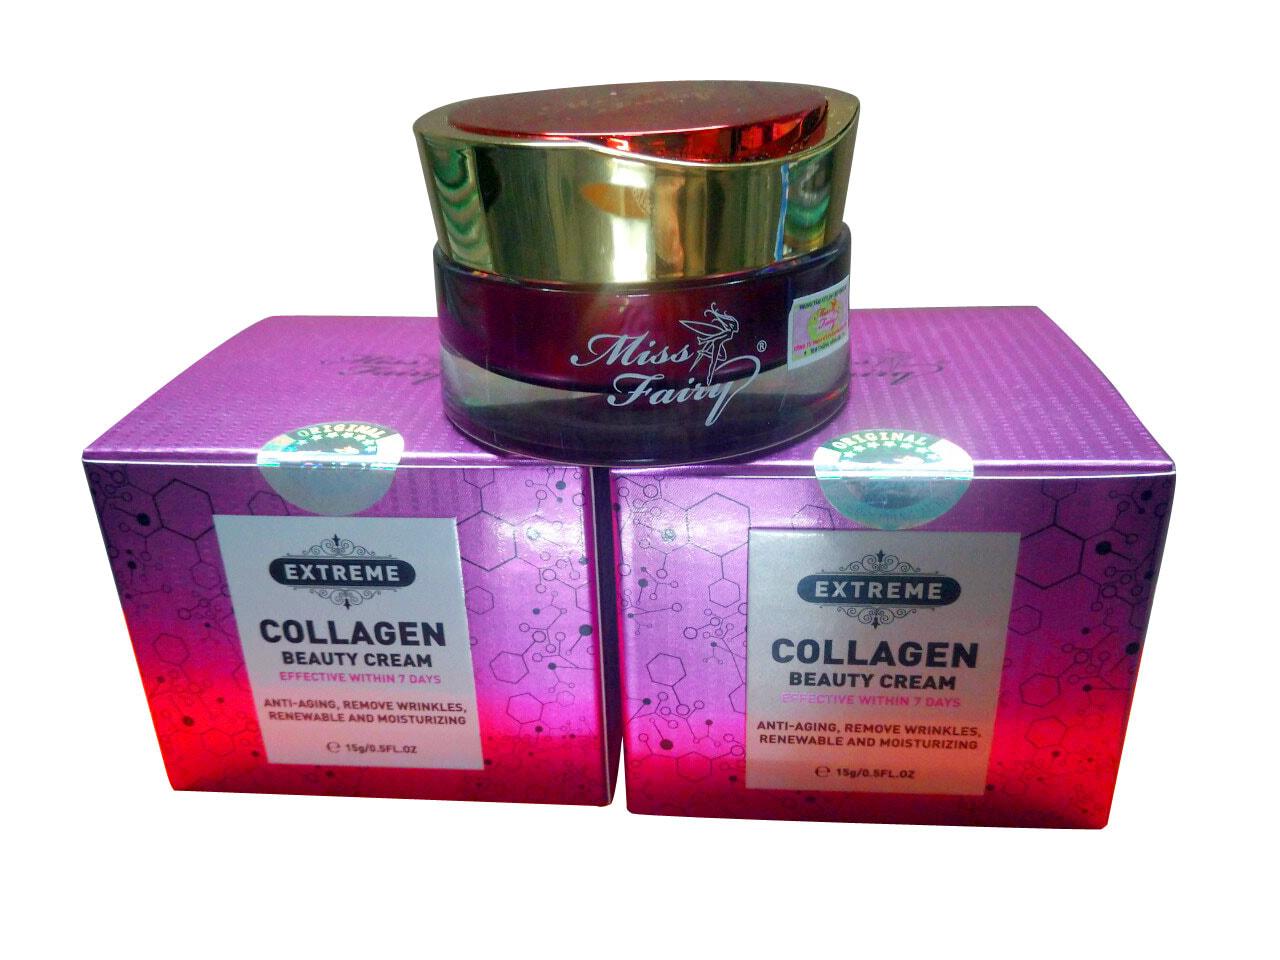 Kem dưỡng da tinh chất Collagen - Nhau thai cừu